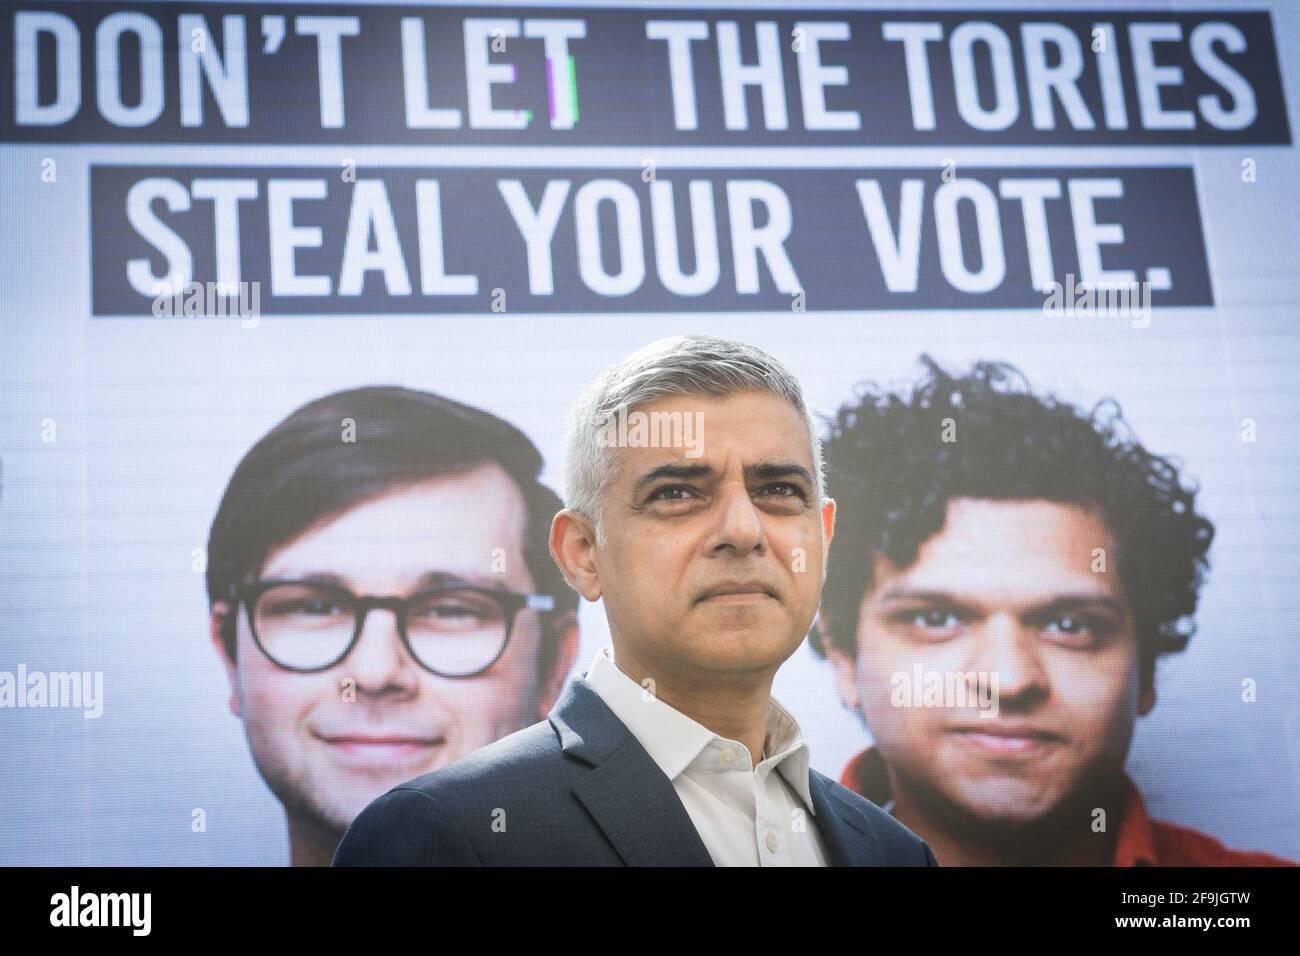 Il Sindaco di Labor di Londra Sadiq Khan, svela un nuovo spot pubblicitario a Westminster, Londra, invitando i londinesi a registrarsi per un voto postale prima della scadenza, mentre sono sulla scia della campagna elettorale per le elezioni Mayoral di Londra. Data immagine: Lunedì 19 aprile 2021. Foto Stock